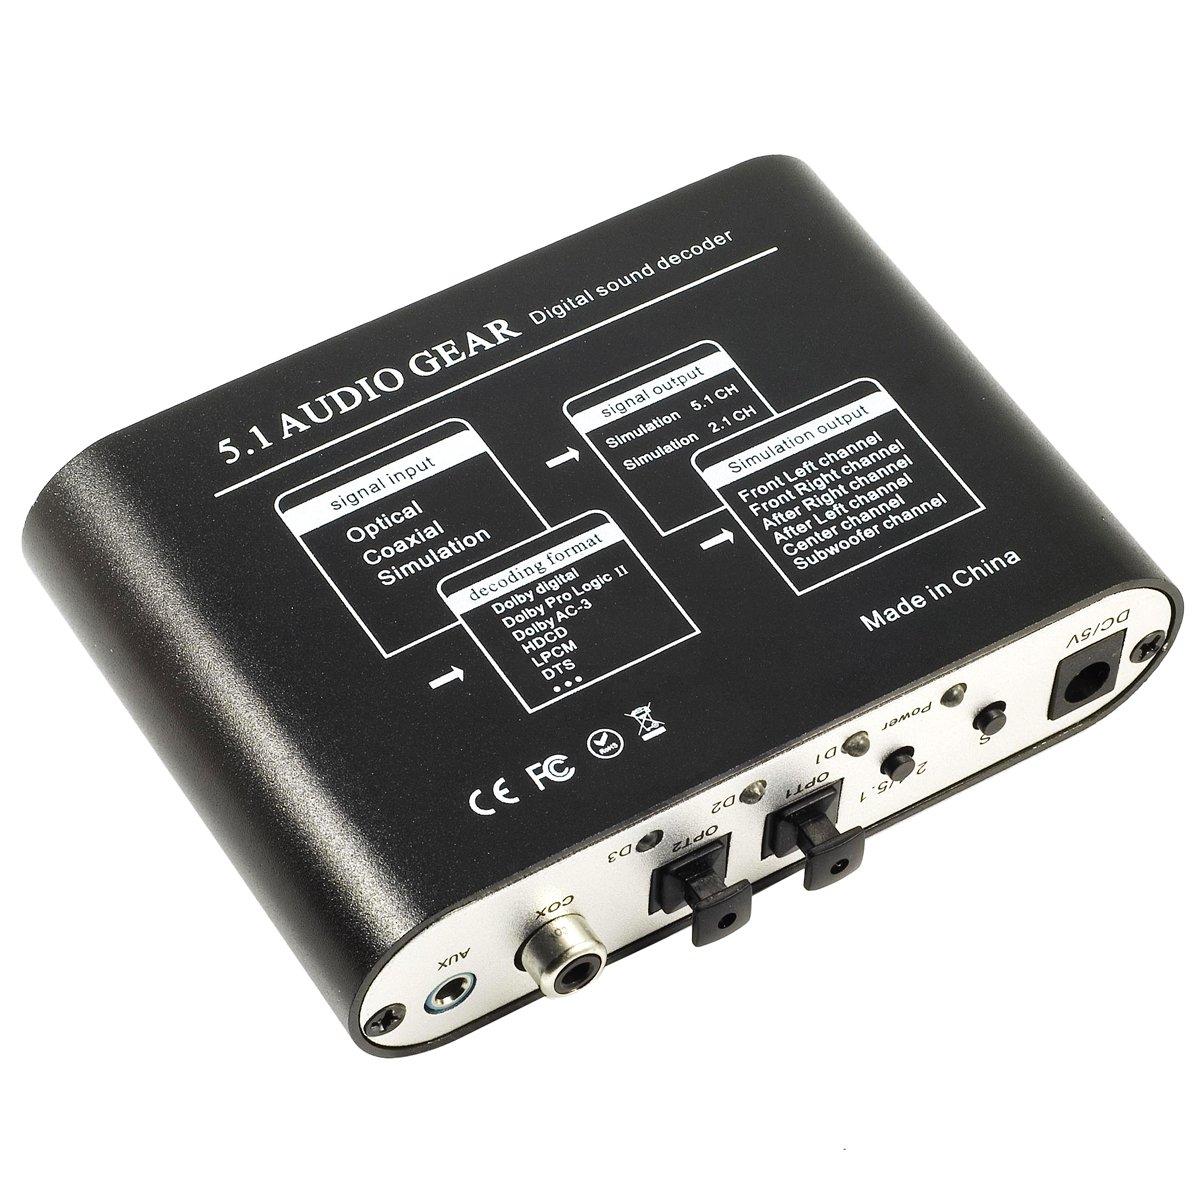 Decodificador de Sonido Digital Dolby DTS AC3 Optico a 5.1 Analógico Audio Gear SPDIF AC112: Amazon.es: Informática